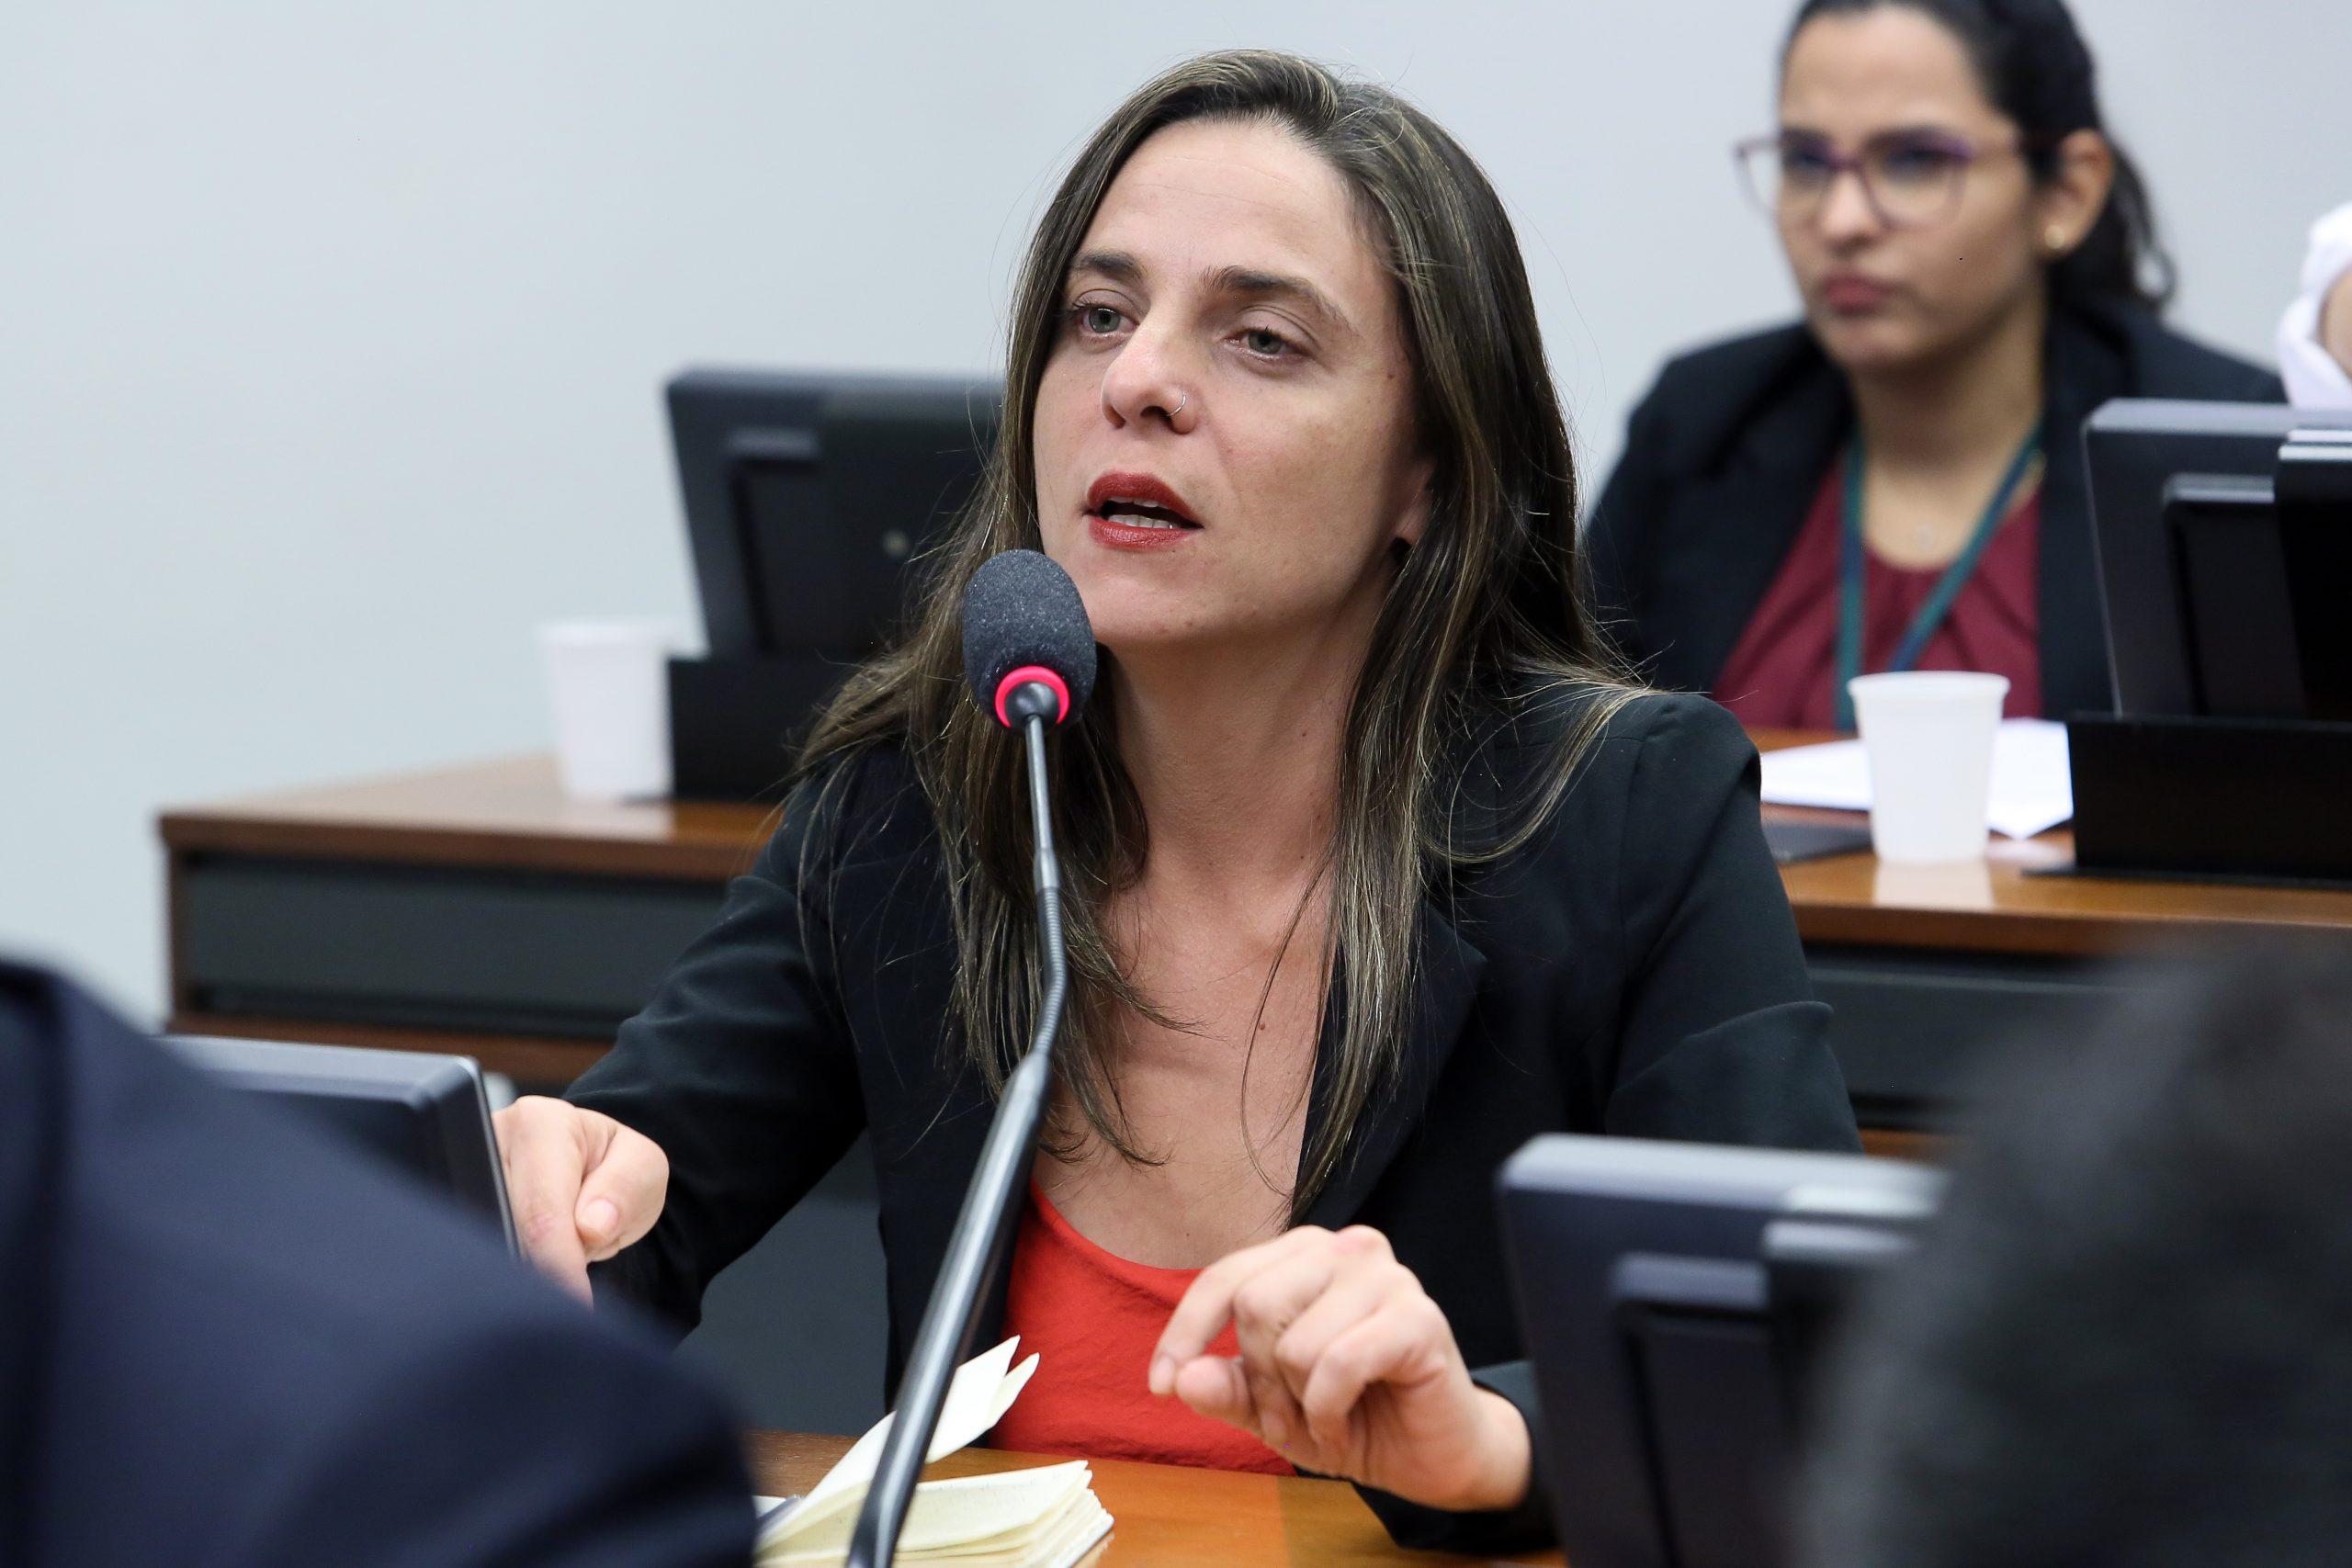 Deputada Fernanda protocola projeto para proteger trabalhadores informais e propõe criação de uma renda básica emergencial